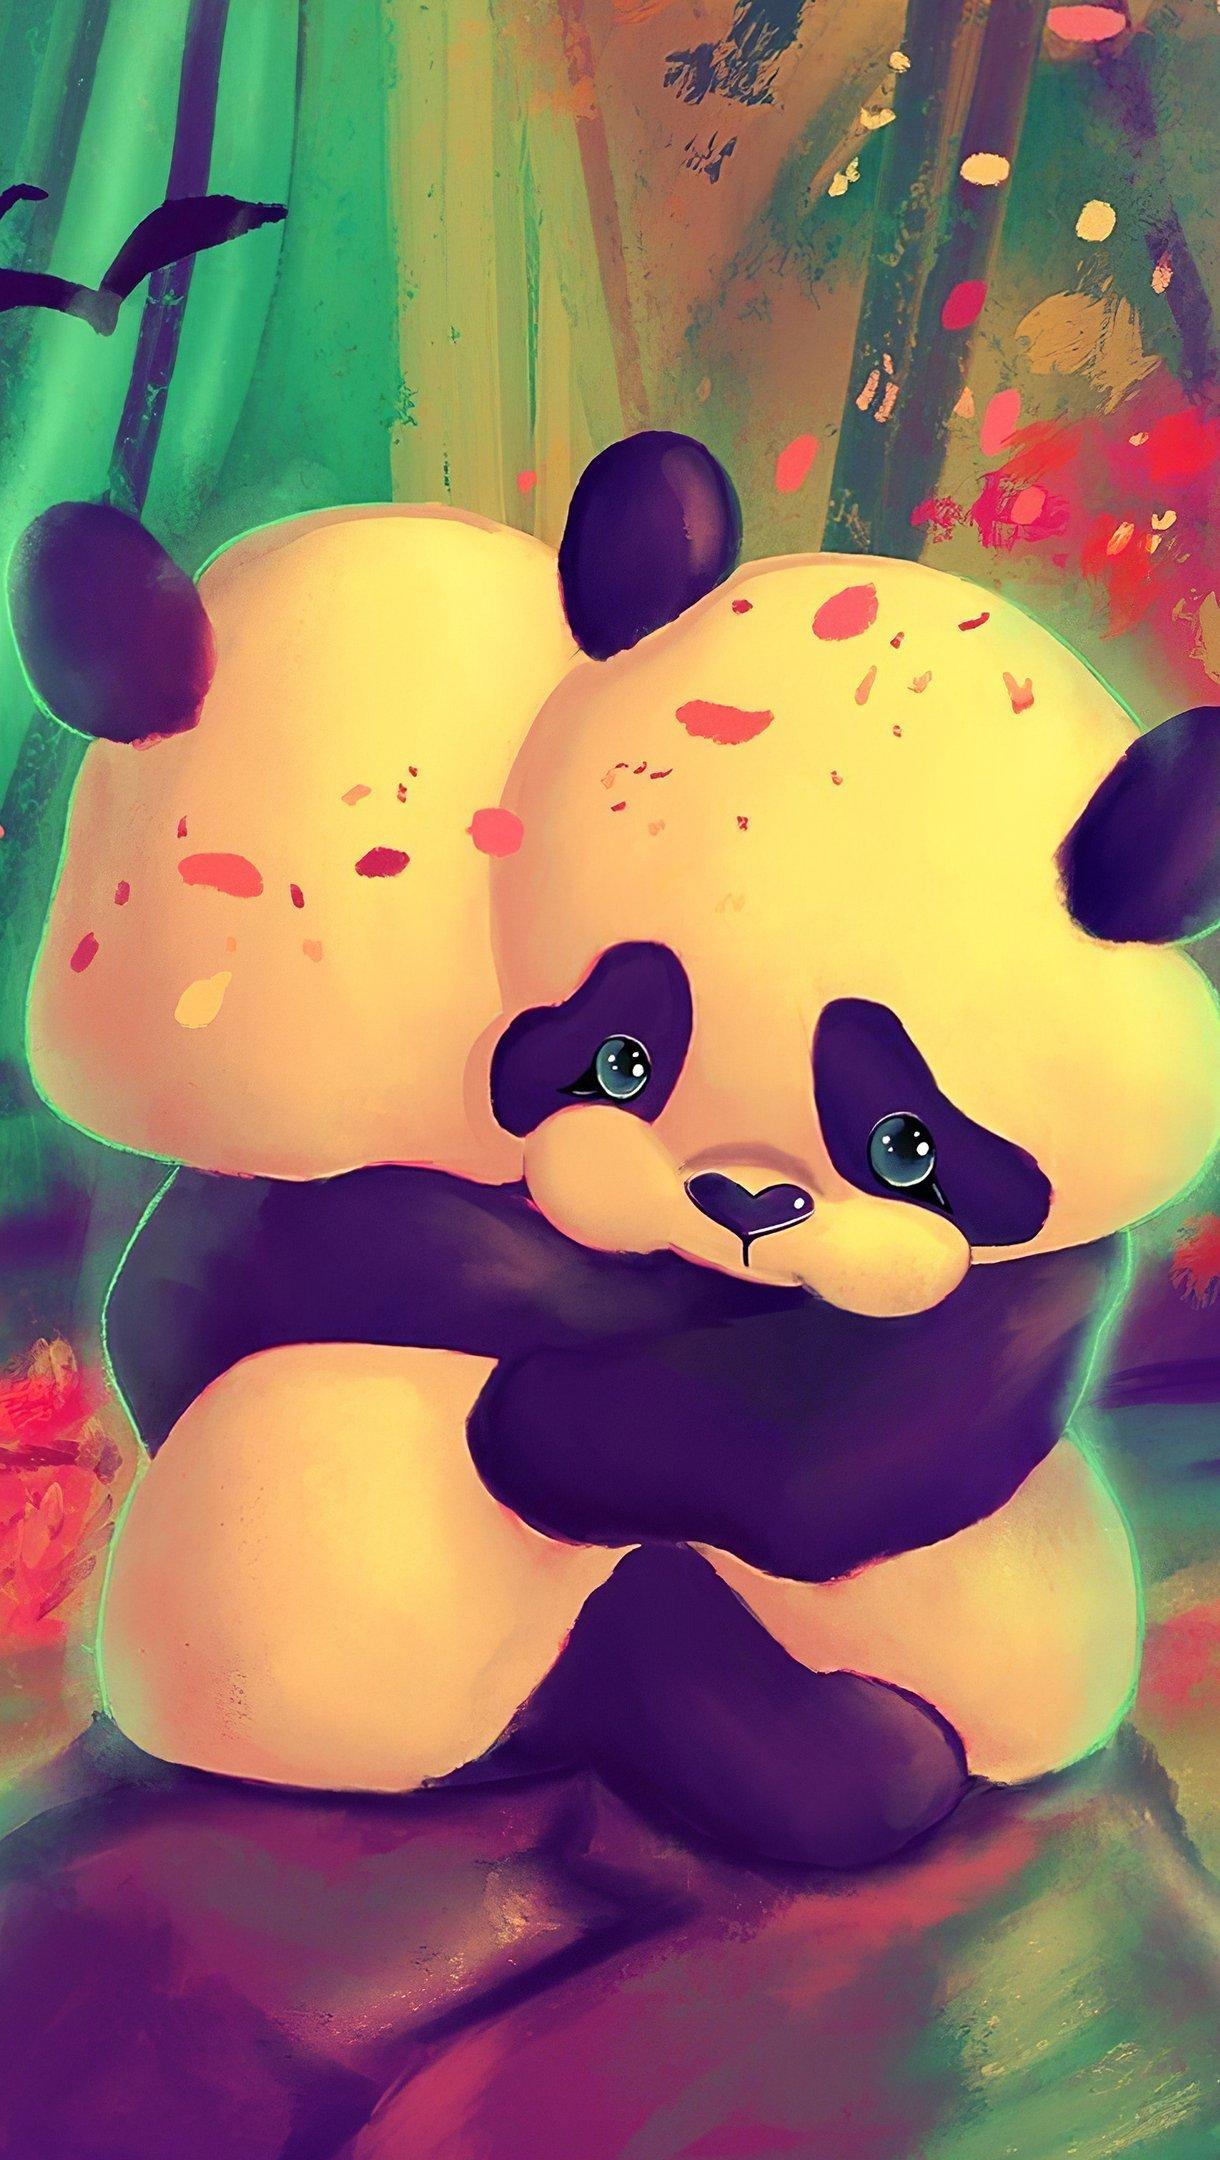 Fondos de pantalla Pandas abrazados Vertical